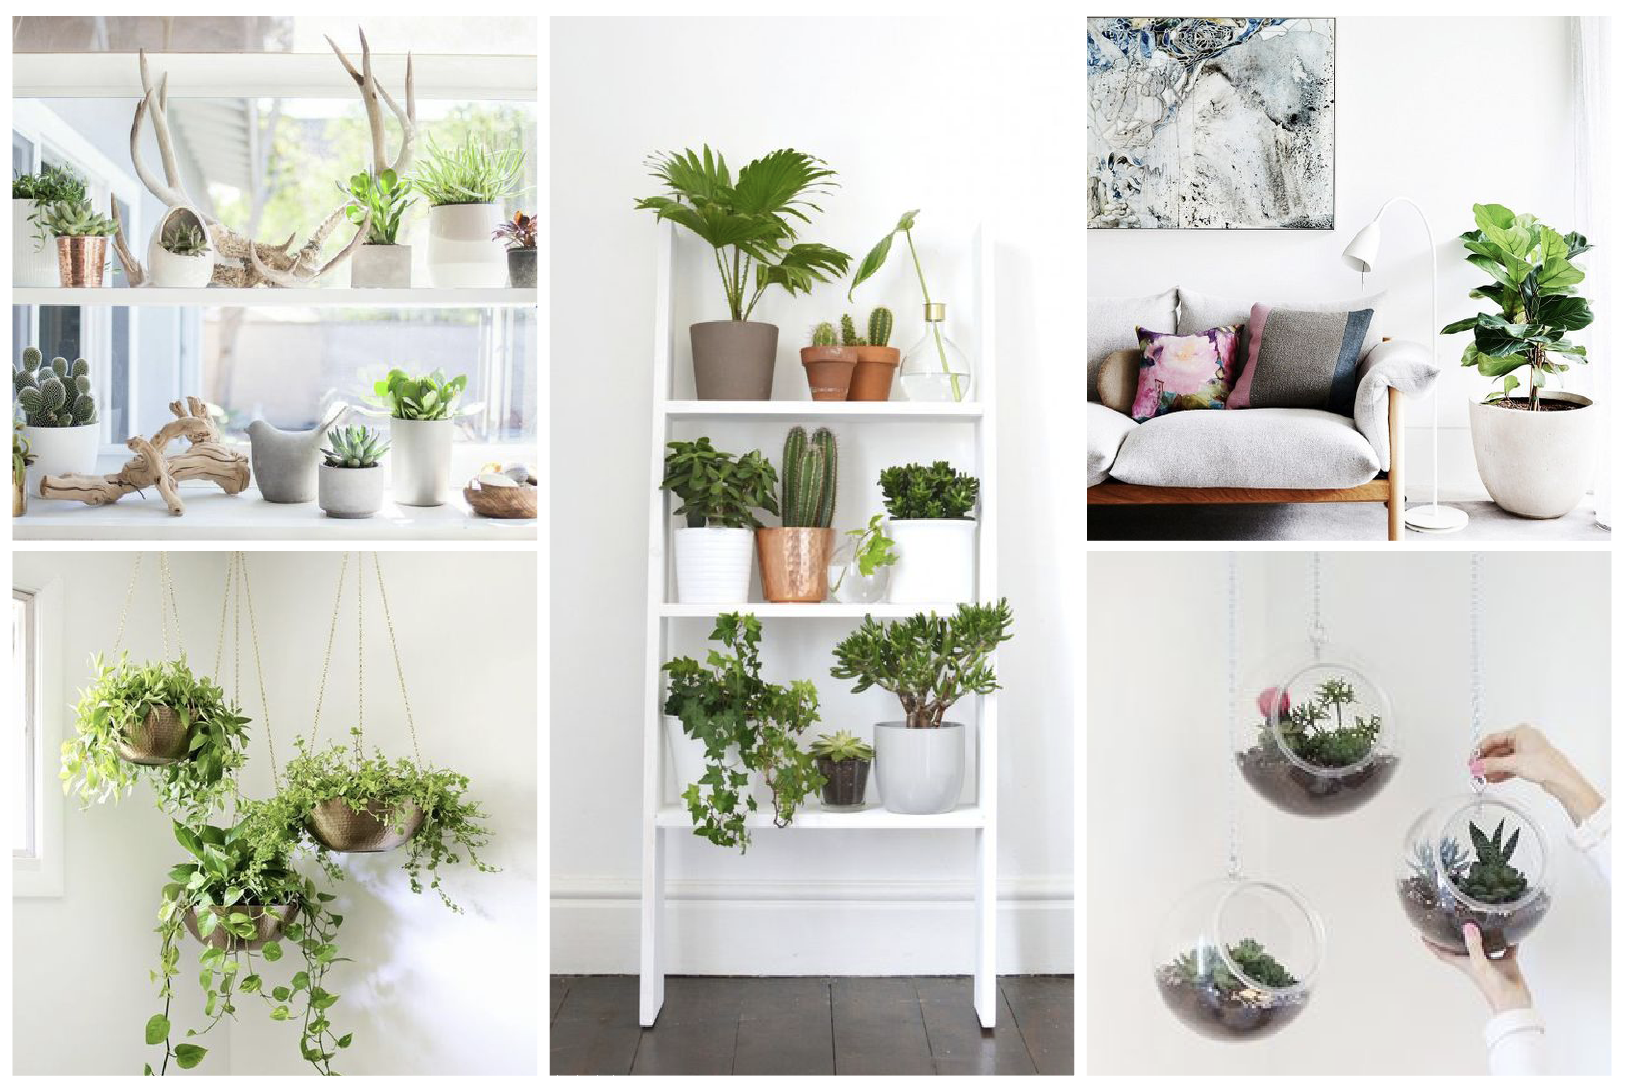 plante d intrieur peu de lumire elegant entretenir ses plantes vertes duintrieur with plante d. Black Bedroom Furniture Sets. Home Design Ideas